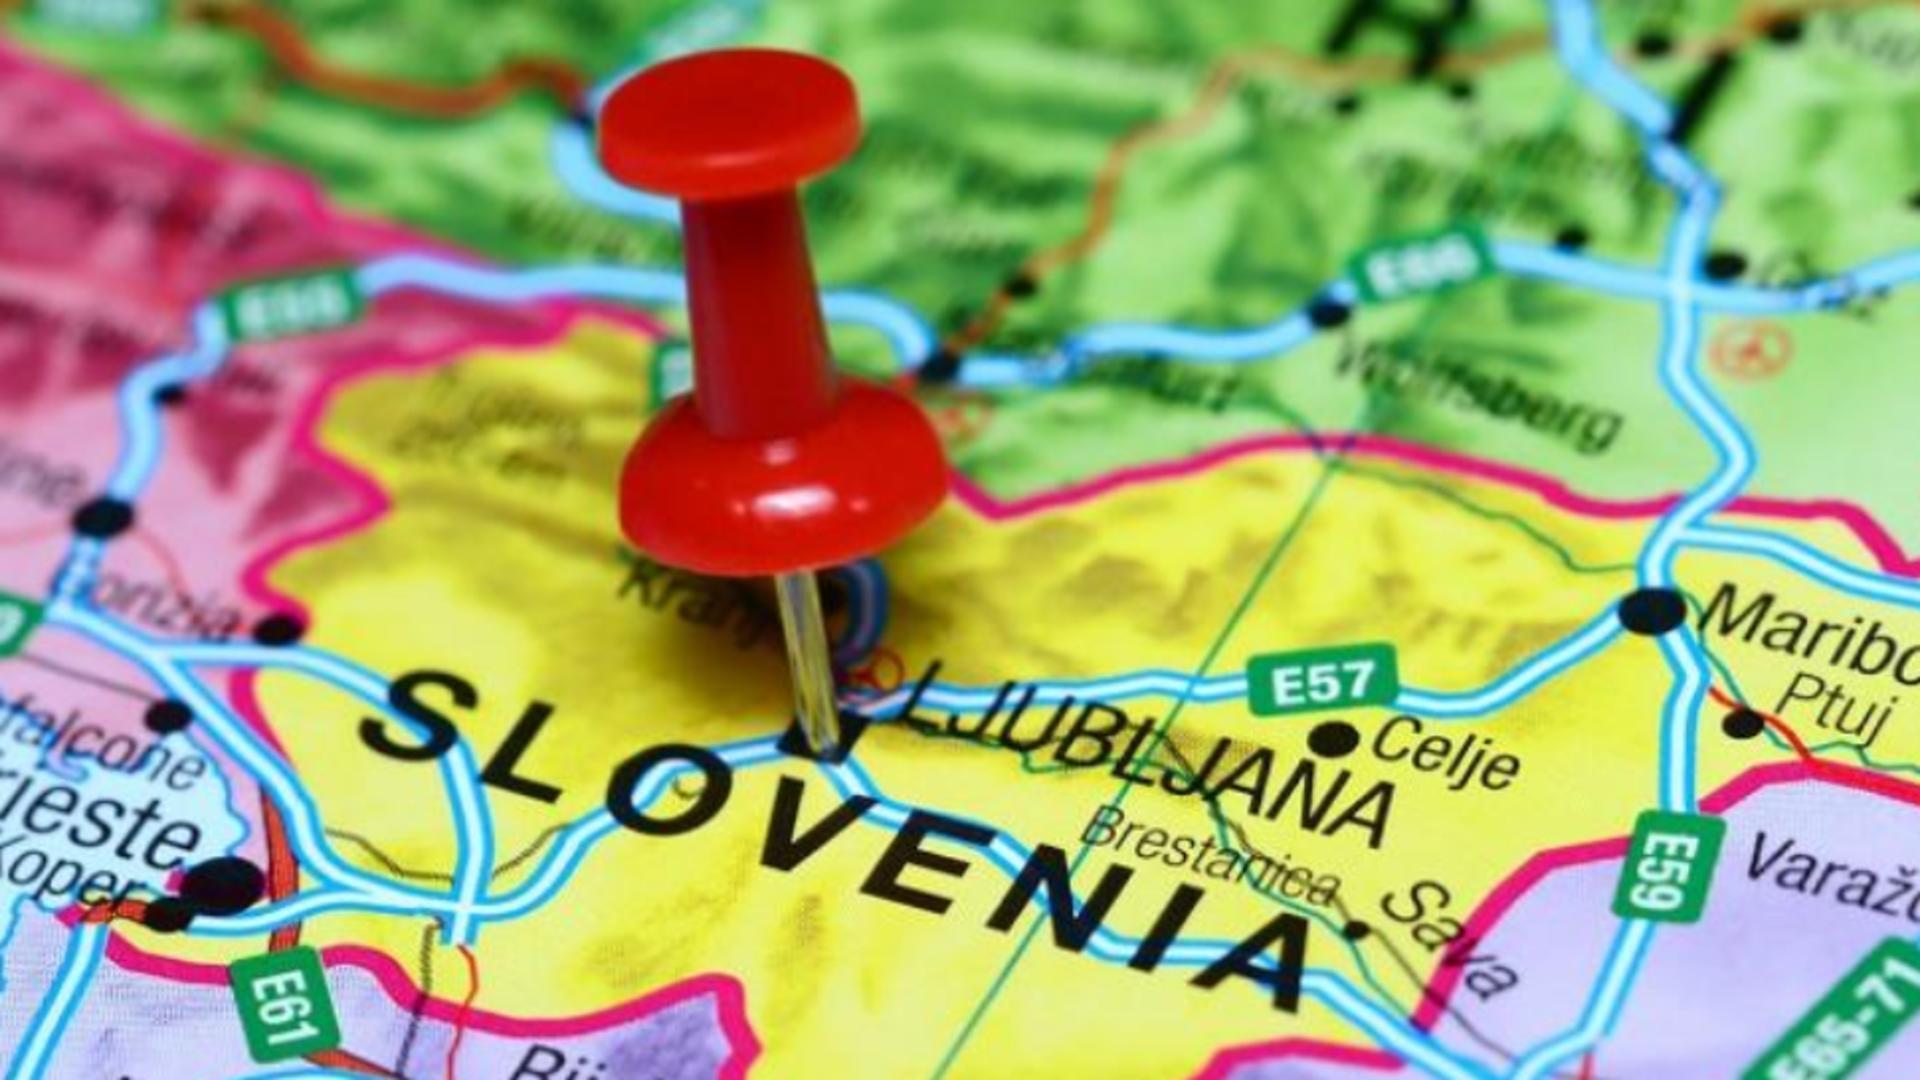 NOI reguli în Slovenia de frica noilor variante de coronavirus - Ce documente trebuie să aibă turiștii